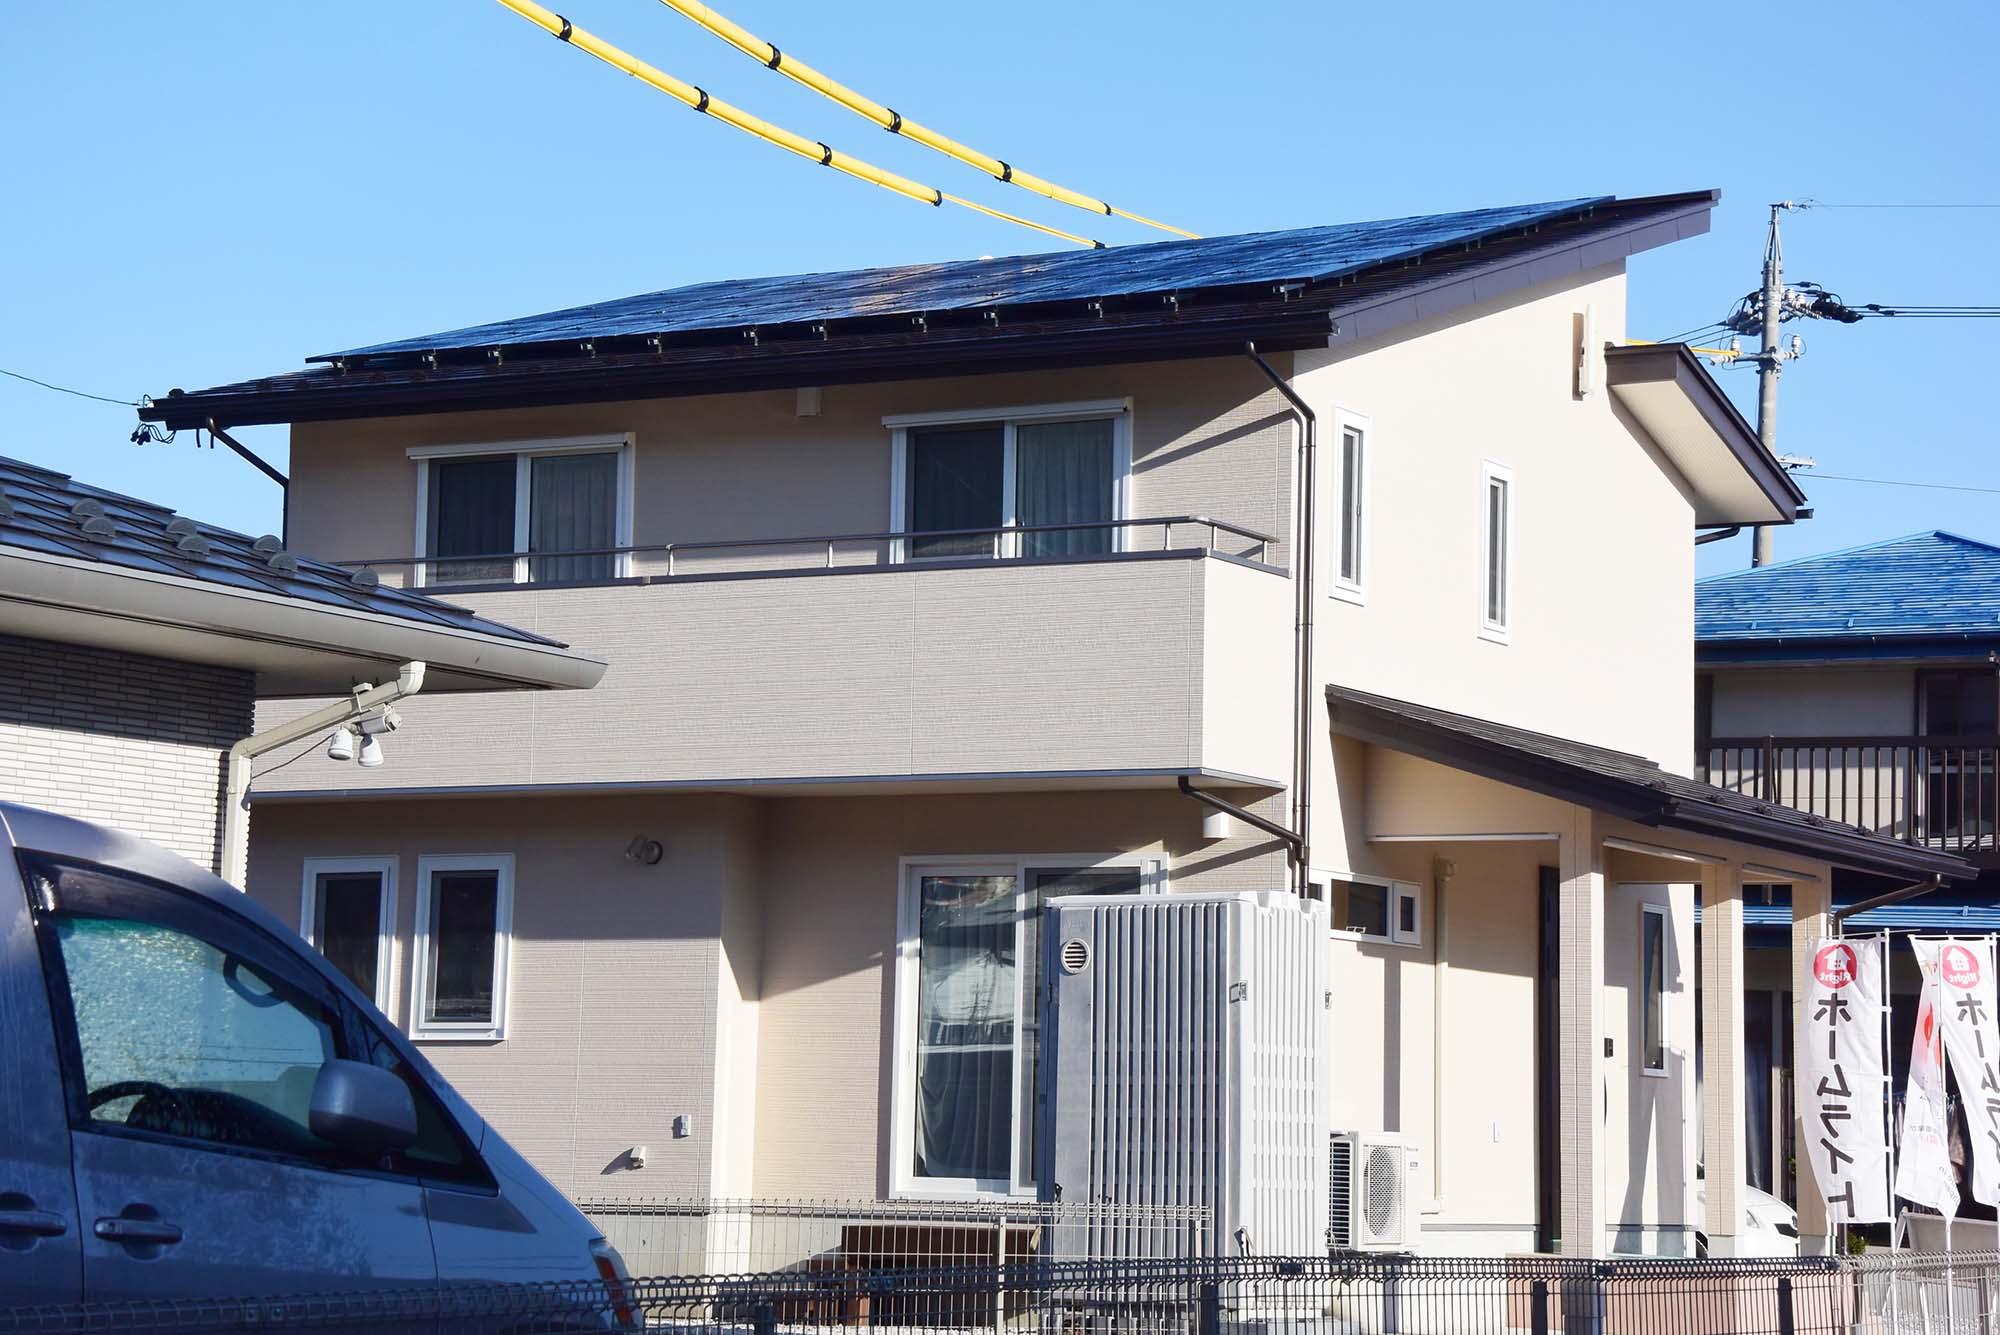 屋根にはSolar Frontierの太陽光発電を搭載しています。